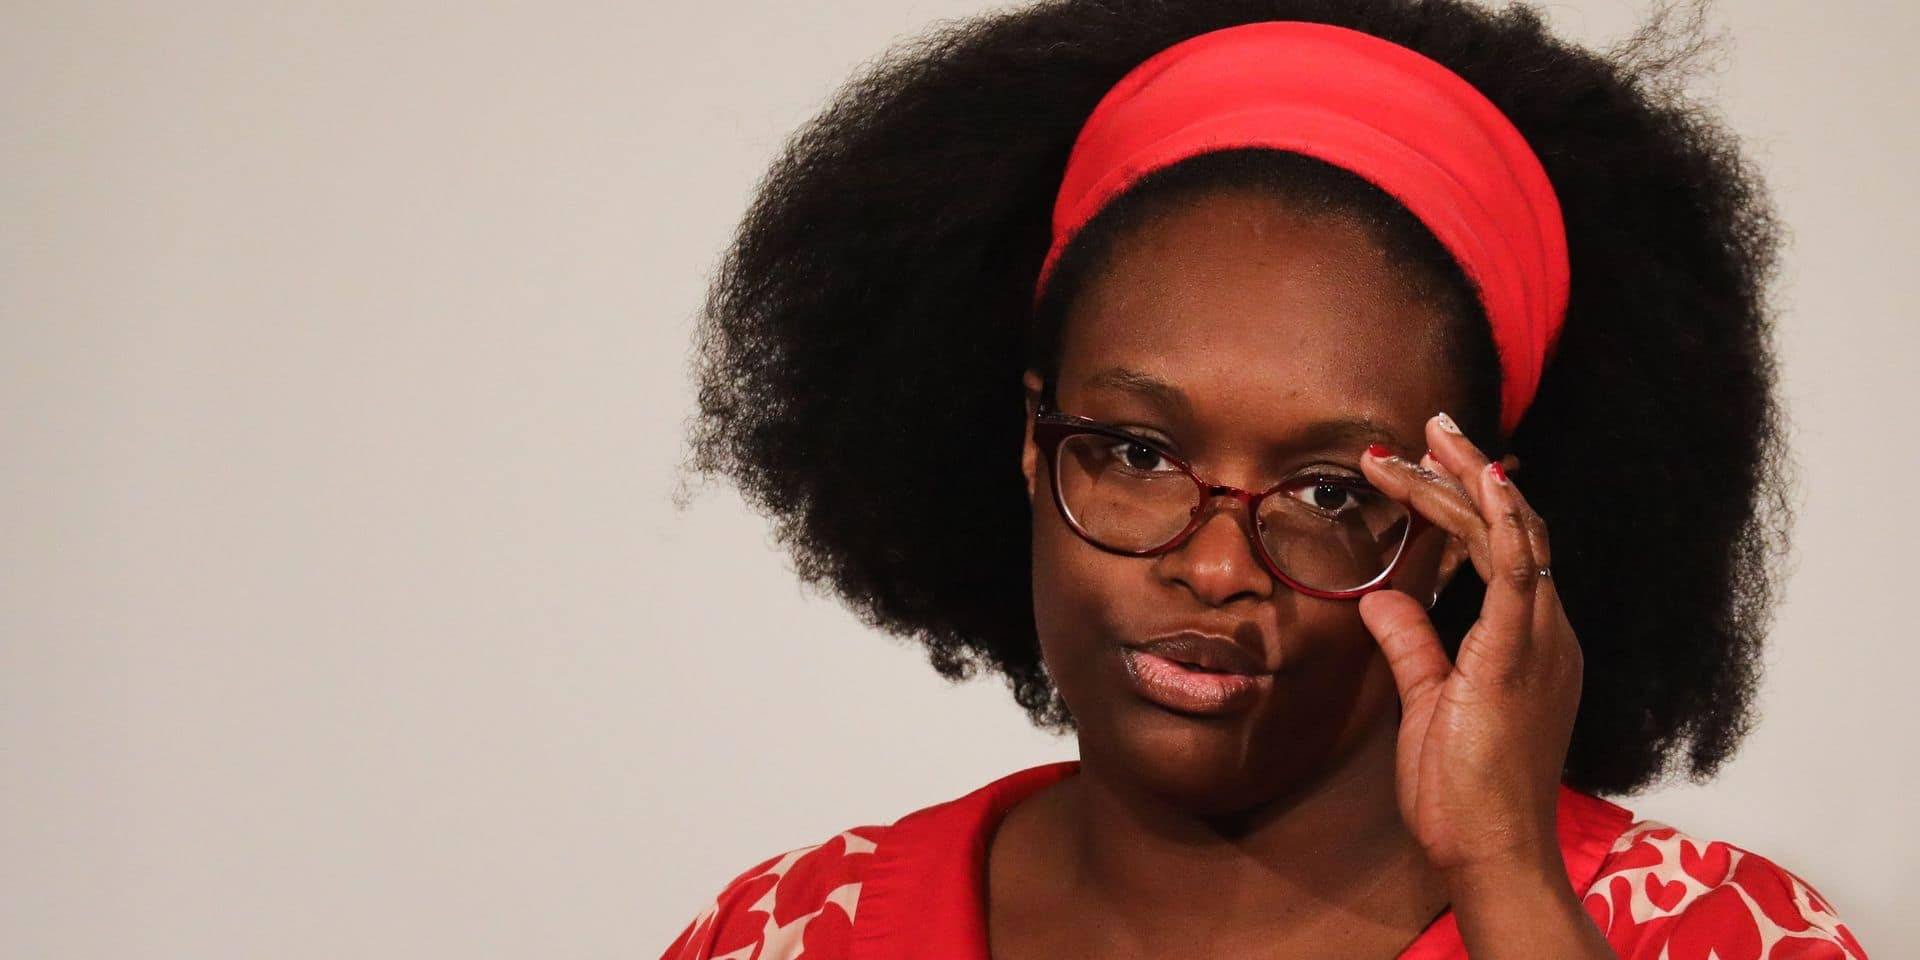 """Sibeth Ndiaye réagit au tweet polémique de Nadine Morano: """"Ces propos racistes ne me touchent plus"""""""